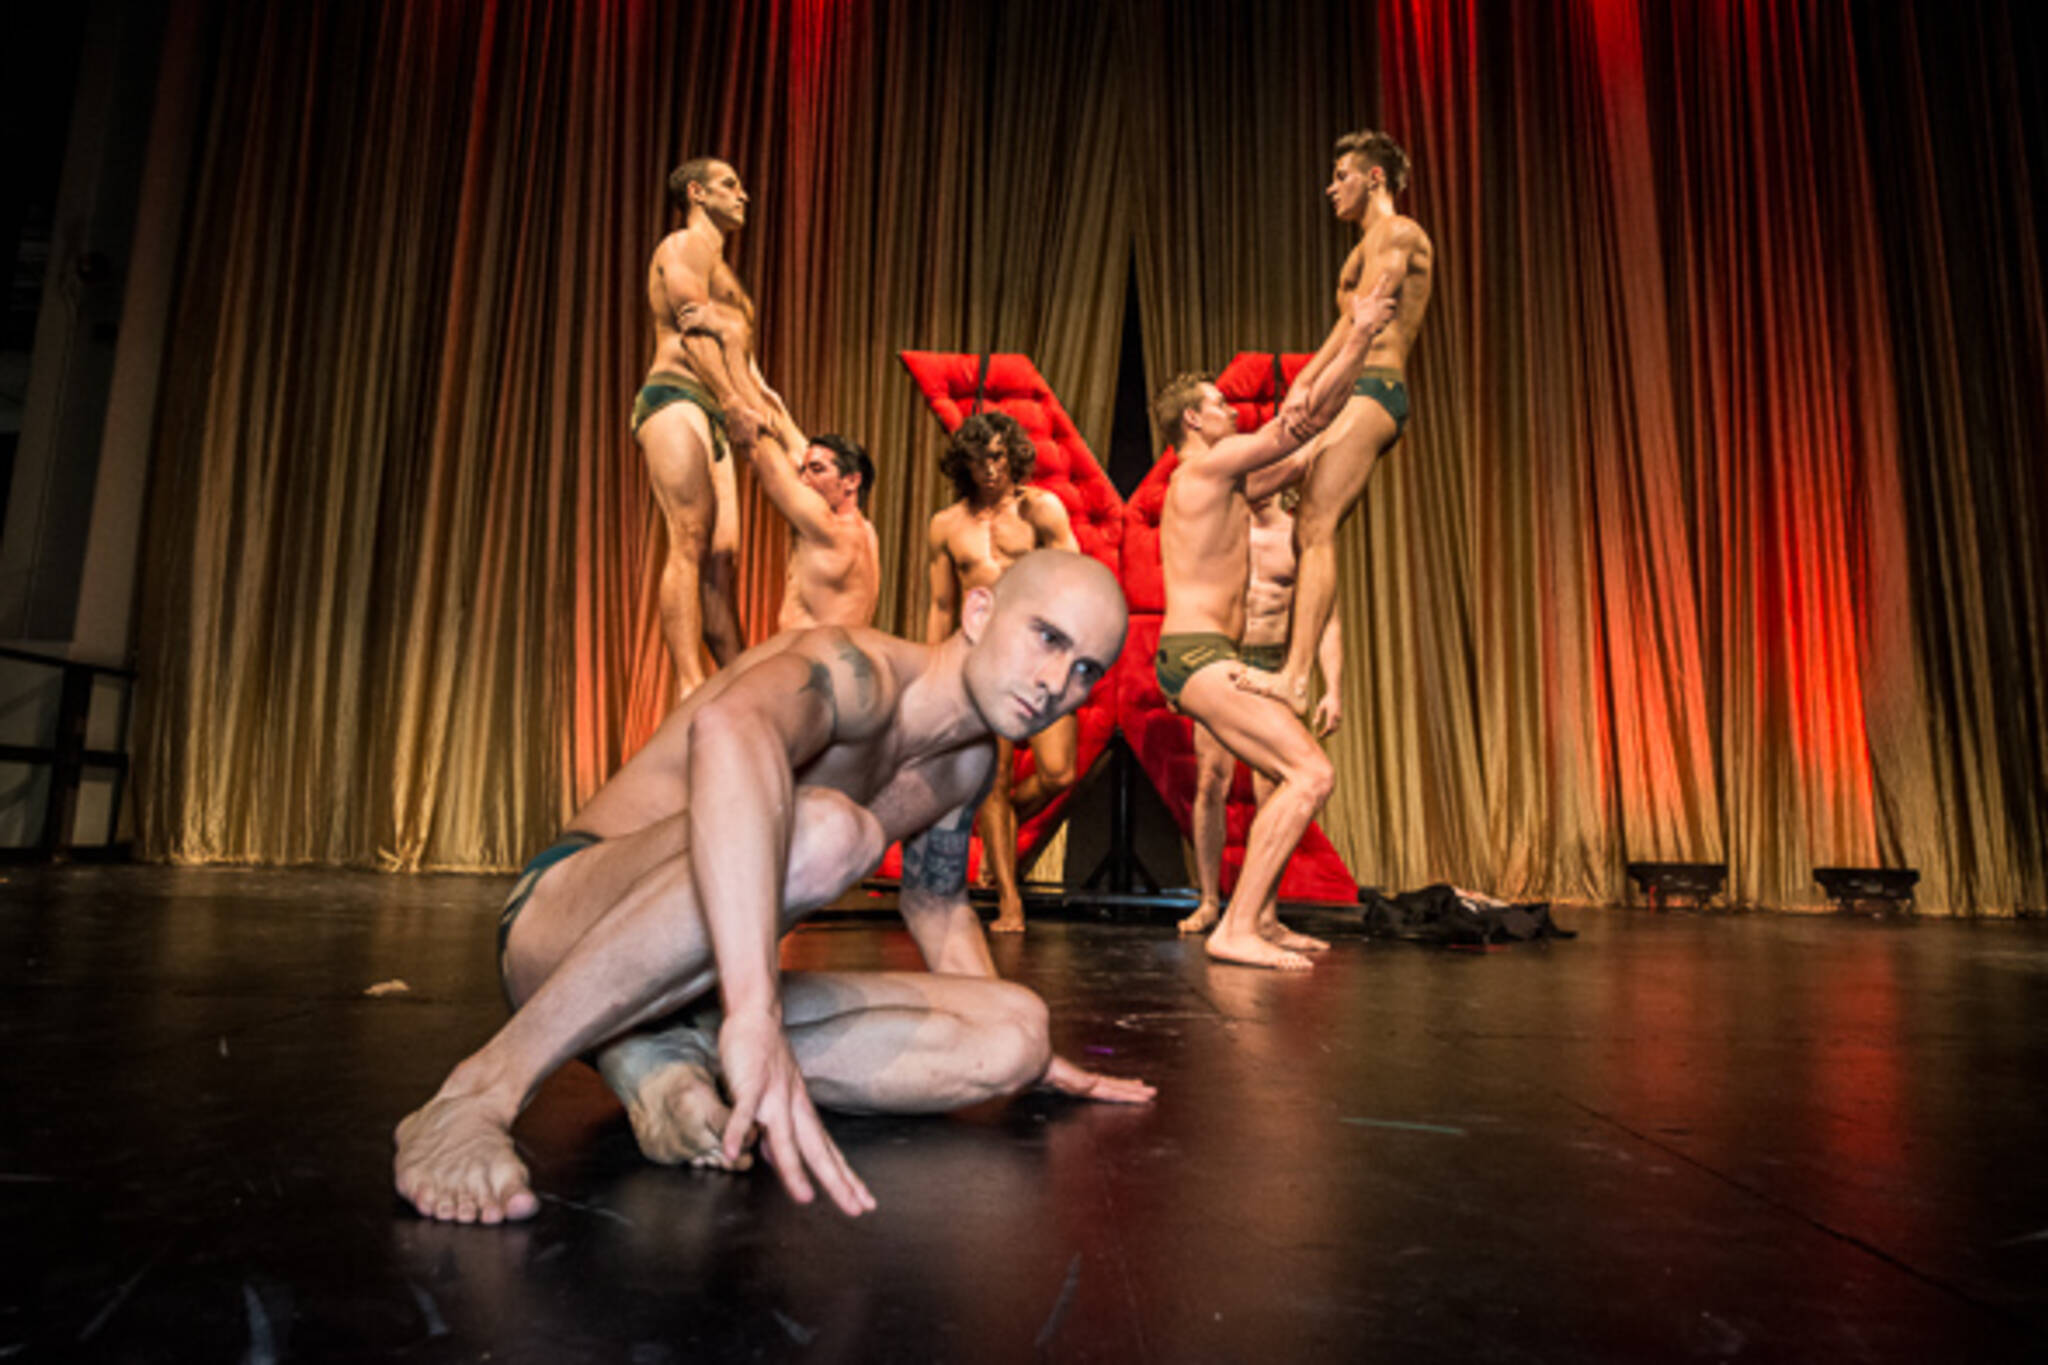 Toronto Sex Show